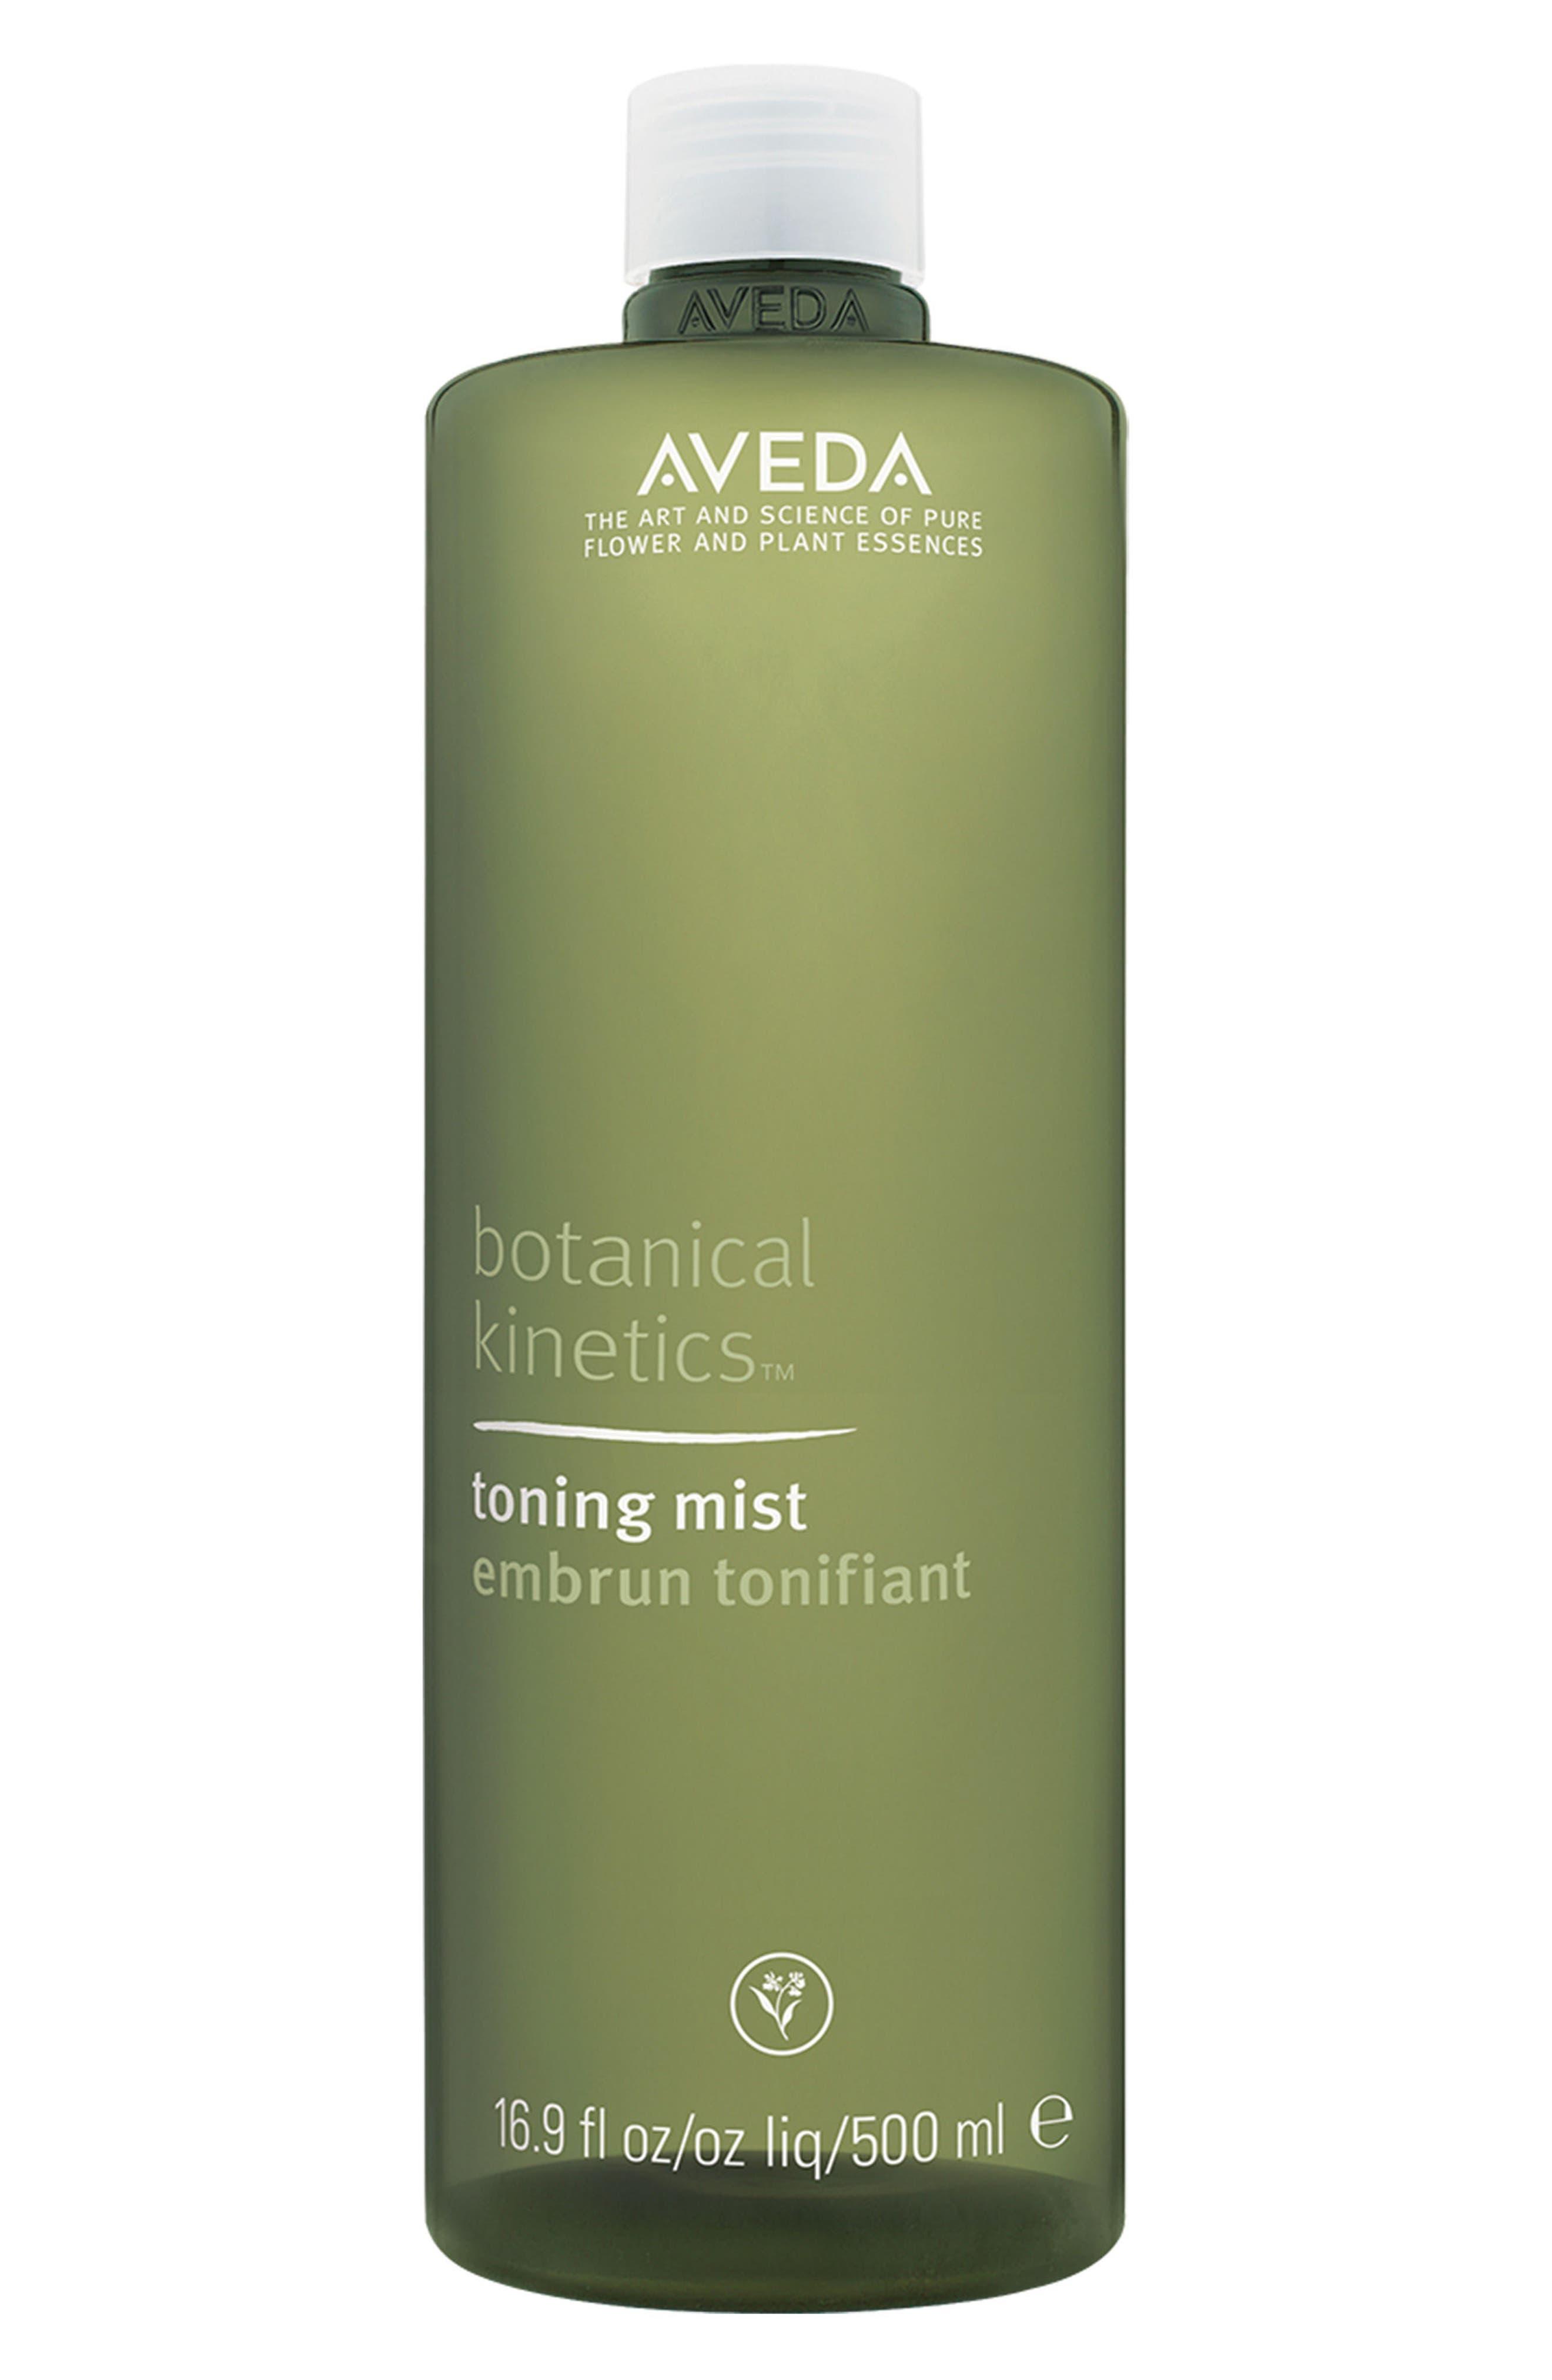 Aveda 'botanical kinetics™' Toning Mist